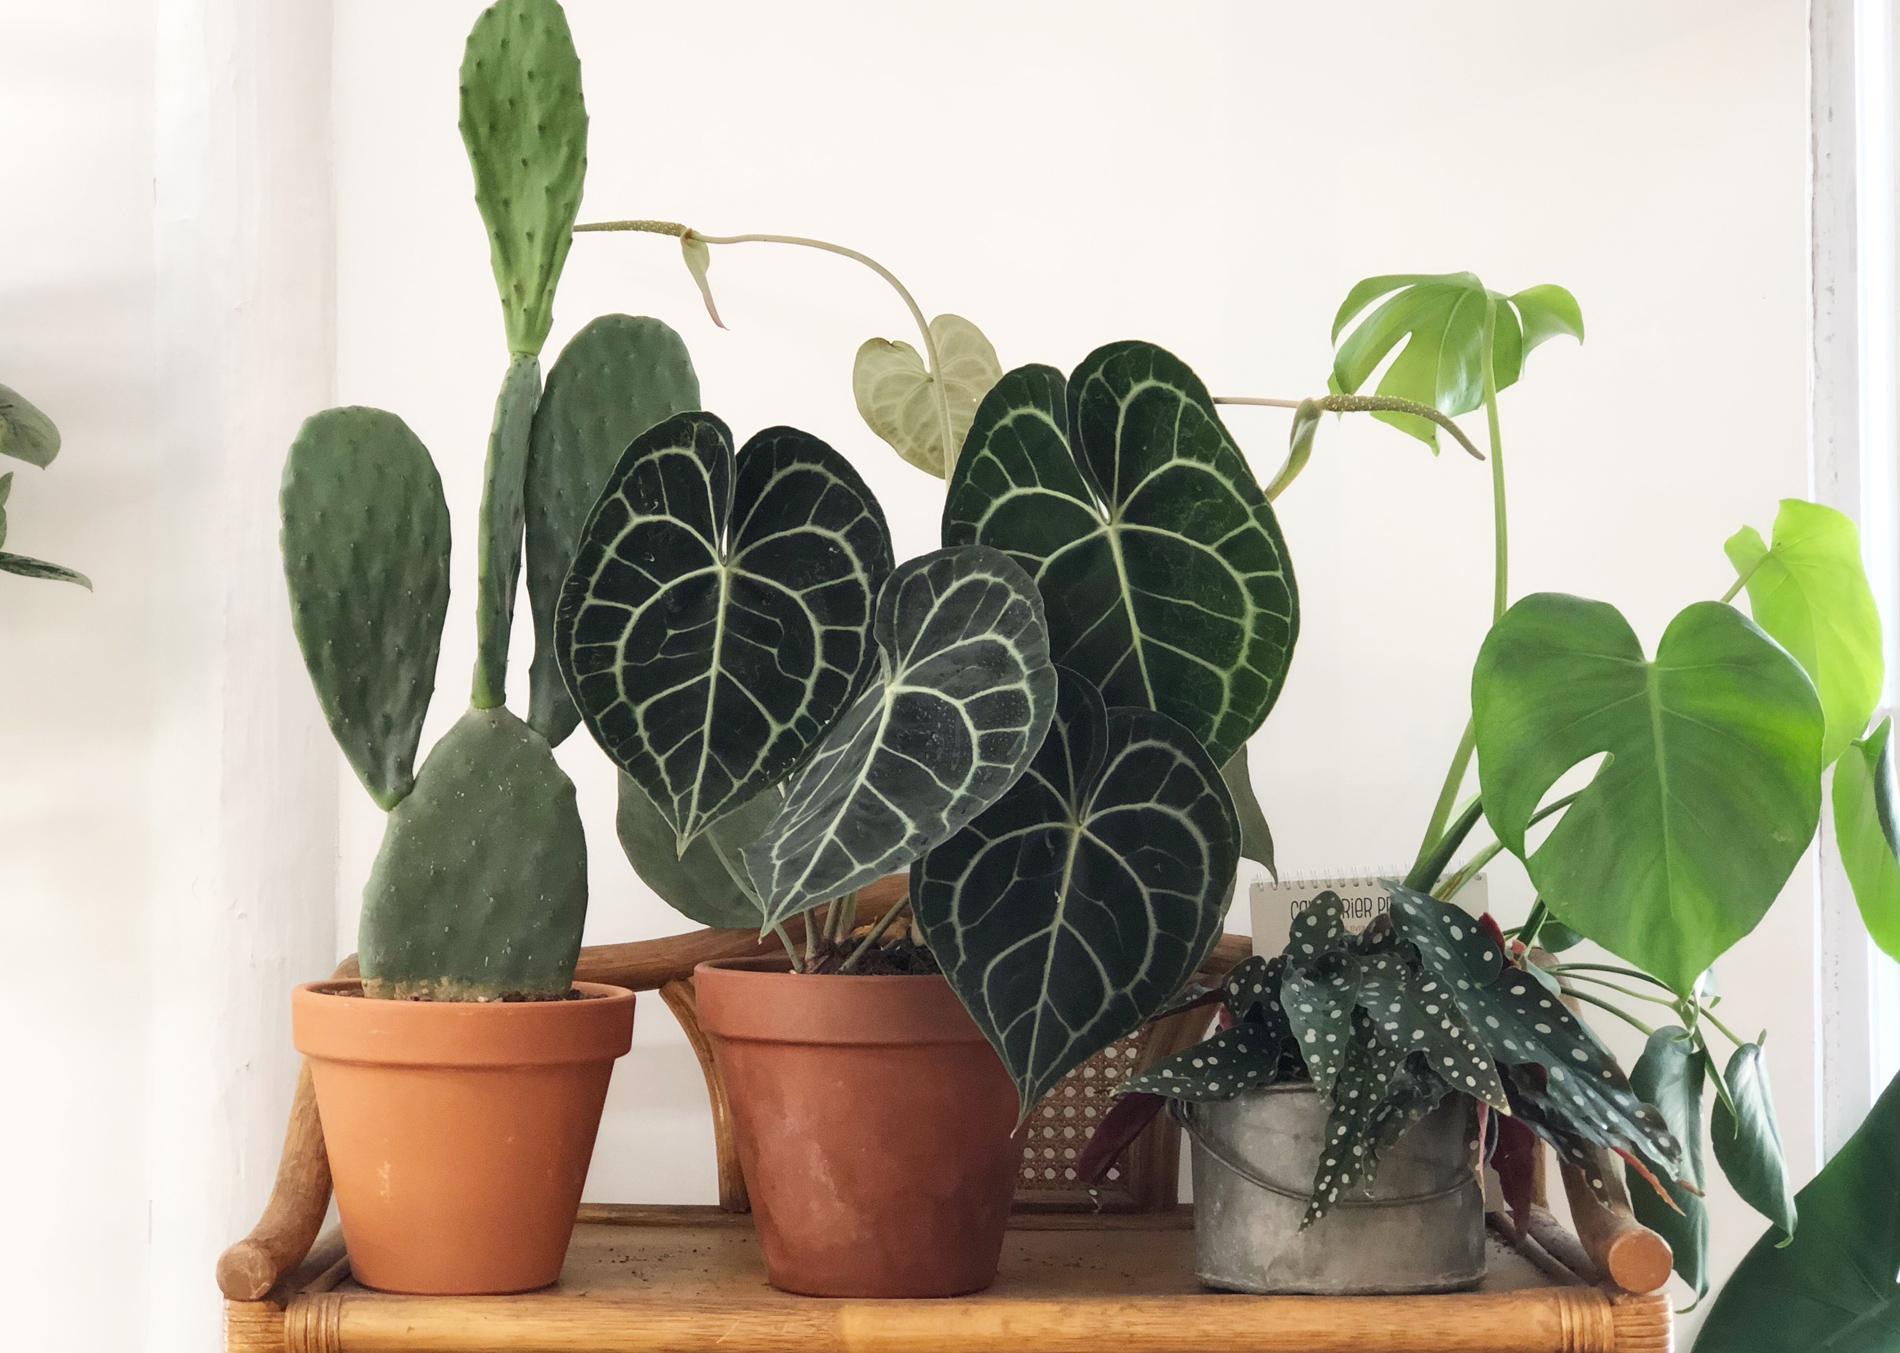 Quelle Plante Mettre Dans Un Grand Pot Exterieur les plantes préférées des fans de déco - madame figaro